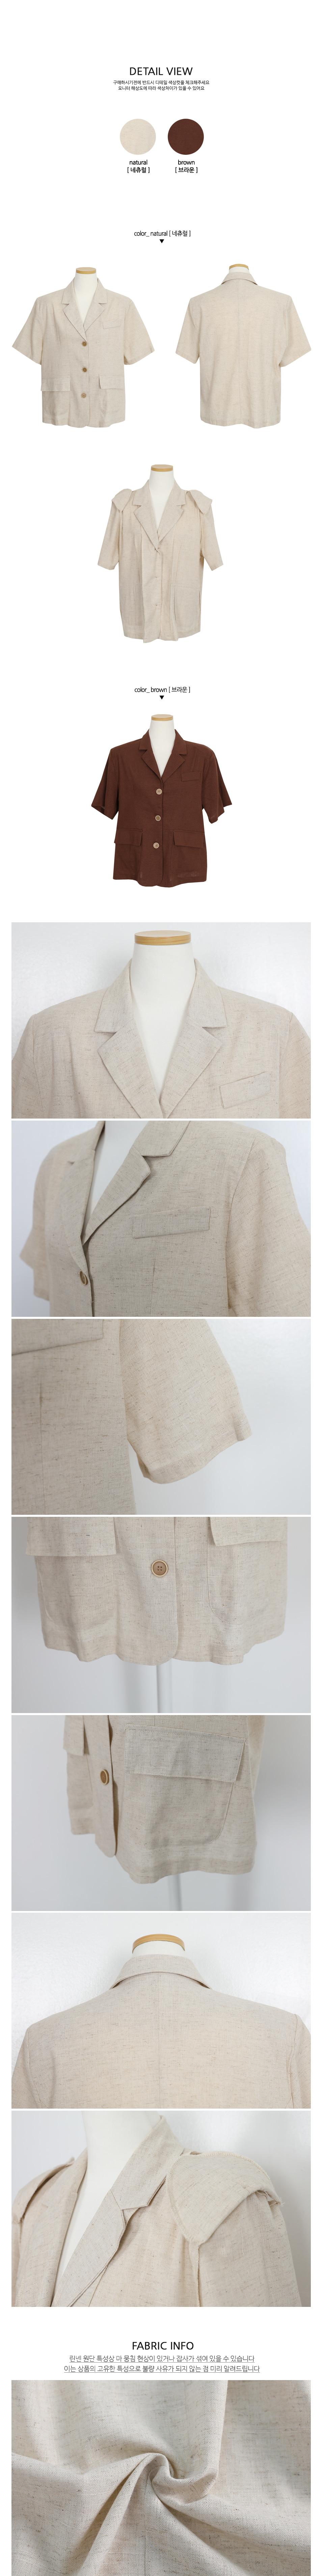 雙口袋亞麻短袖西裝外套